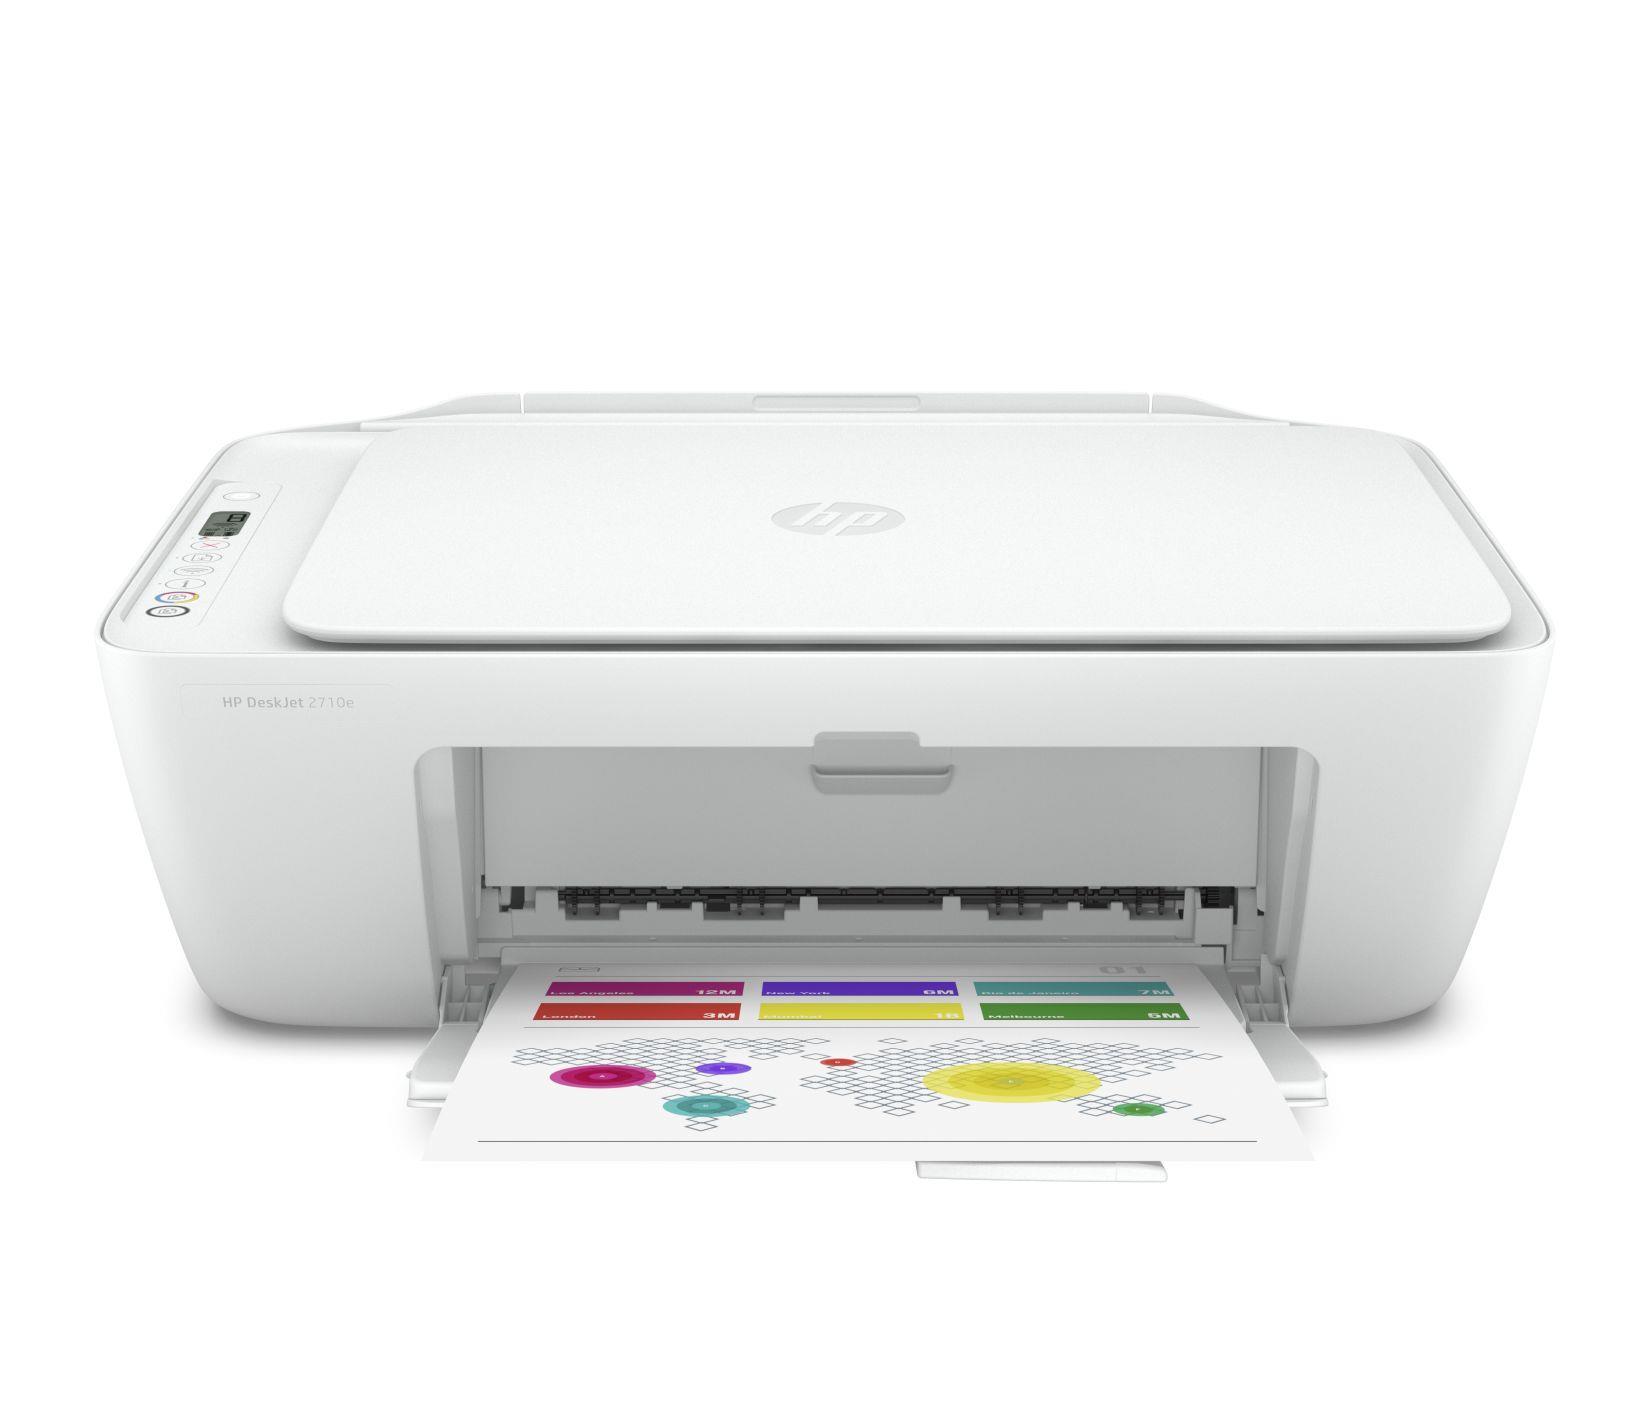 Urządzenie wielofunkcyjne HP DeskJet 2710e 3 w 1